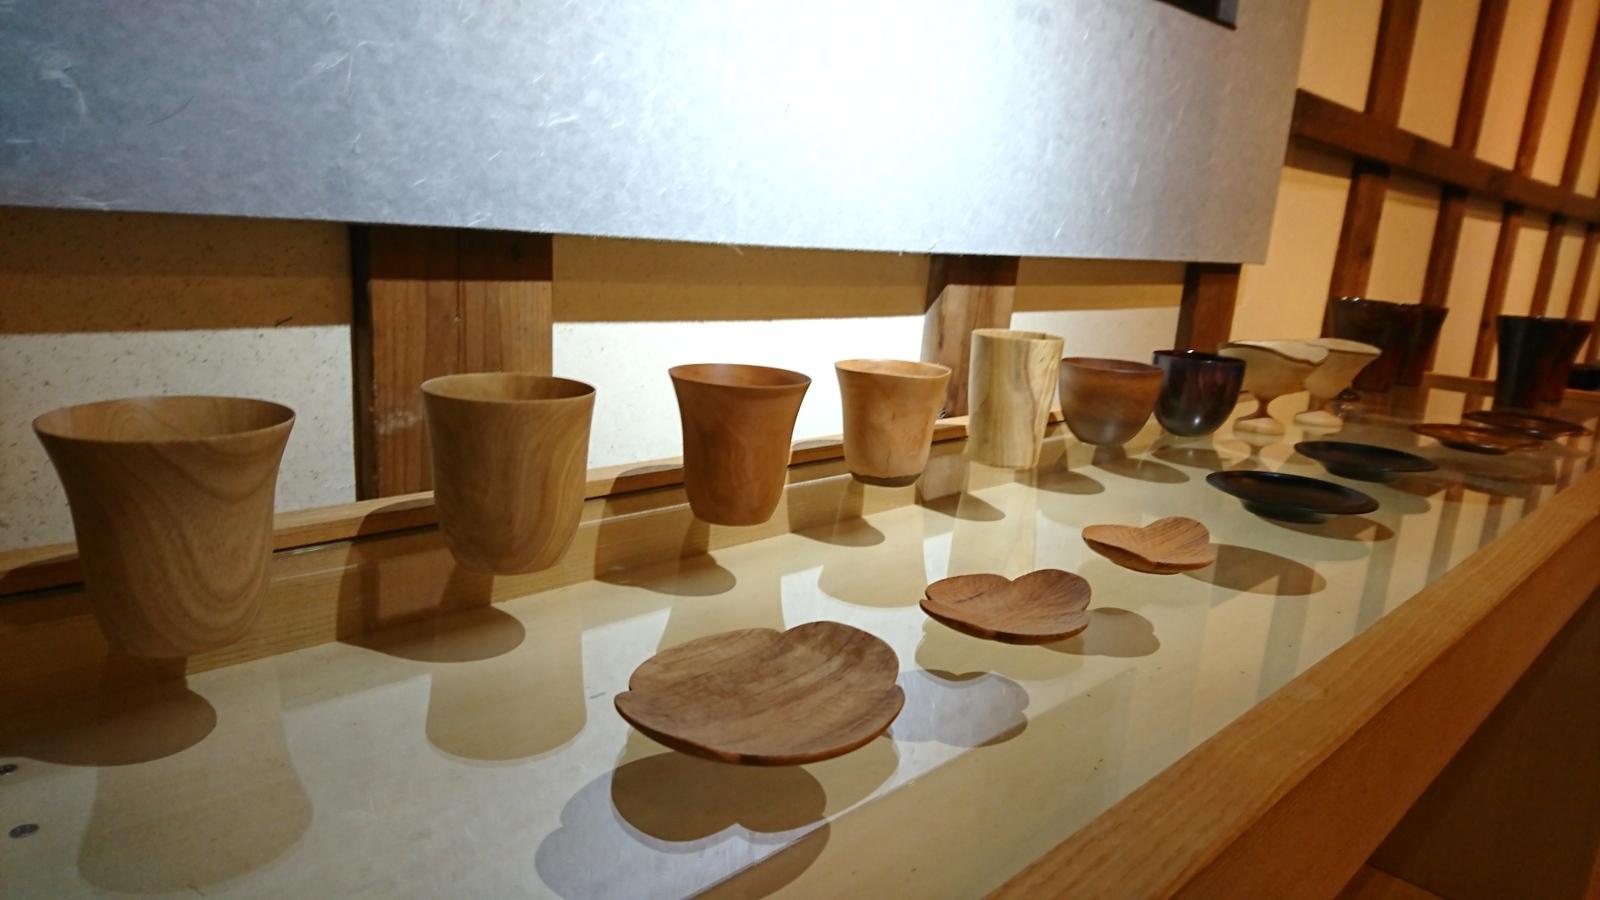 今日からの山崎修さんの木の器展はこんな感じ。_e0046190_18055674.jpg